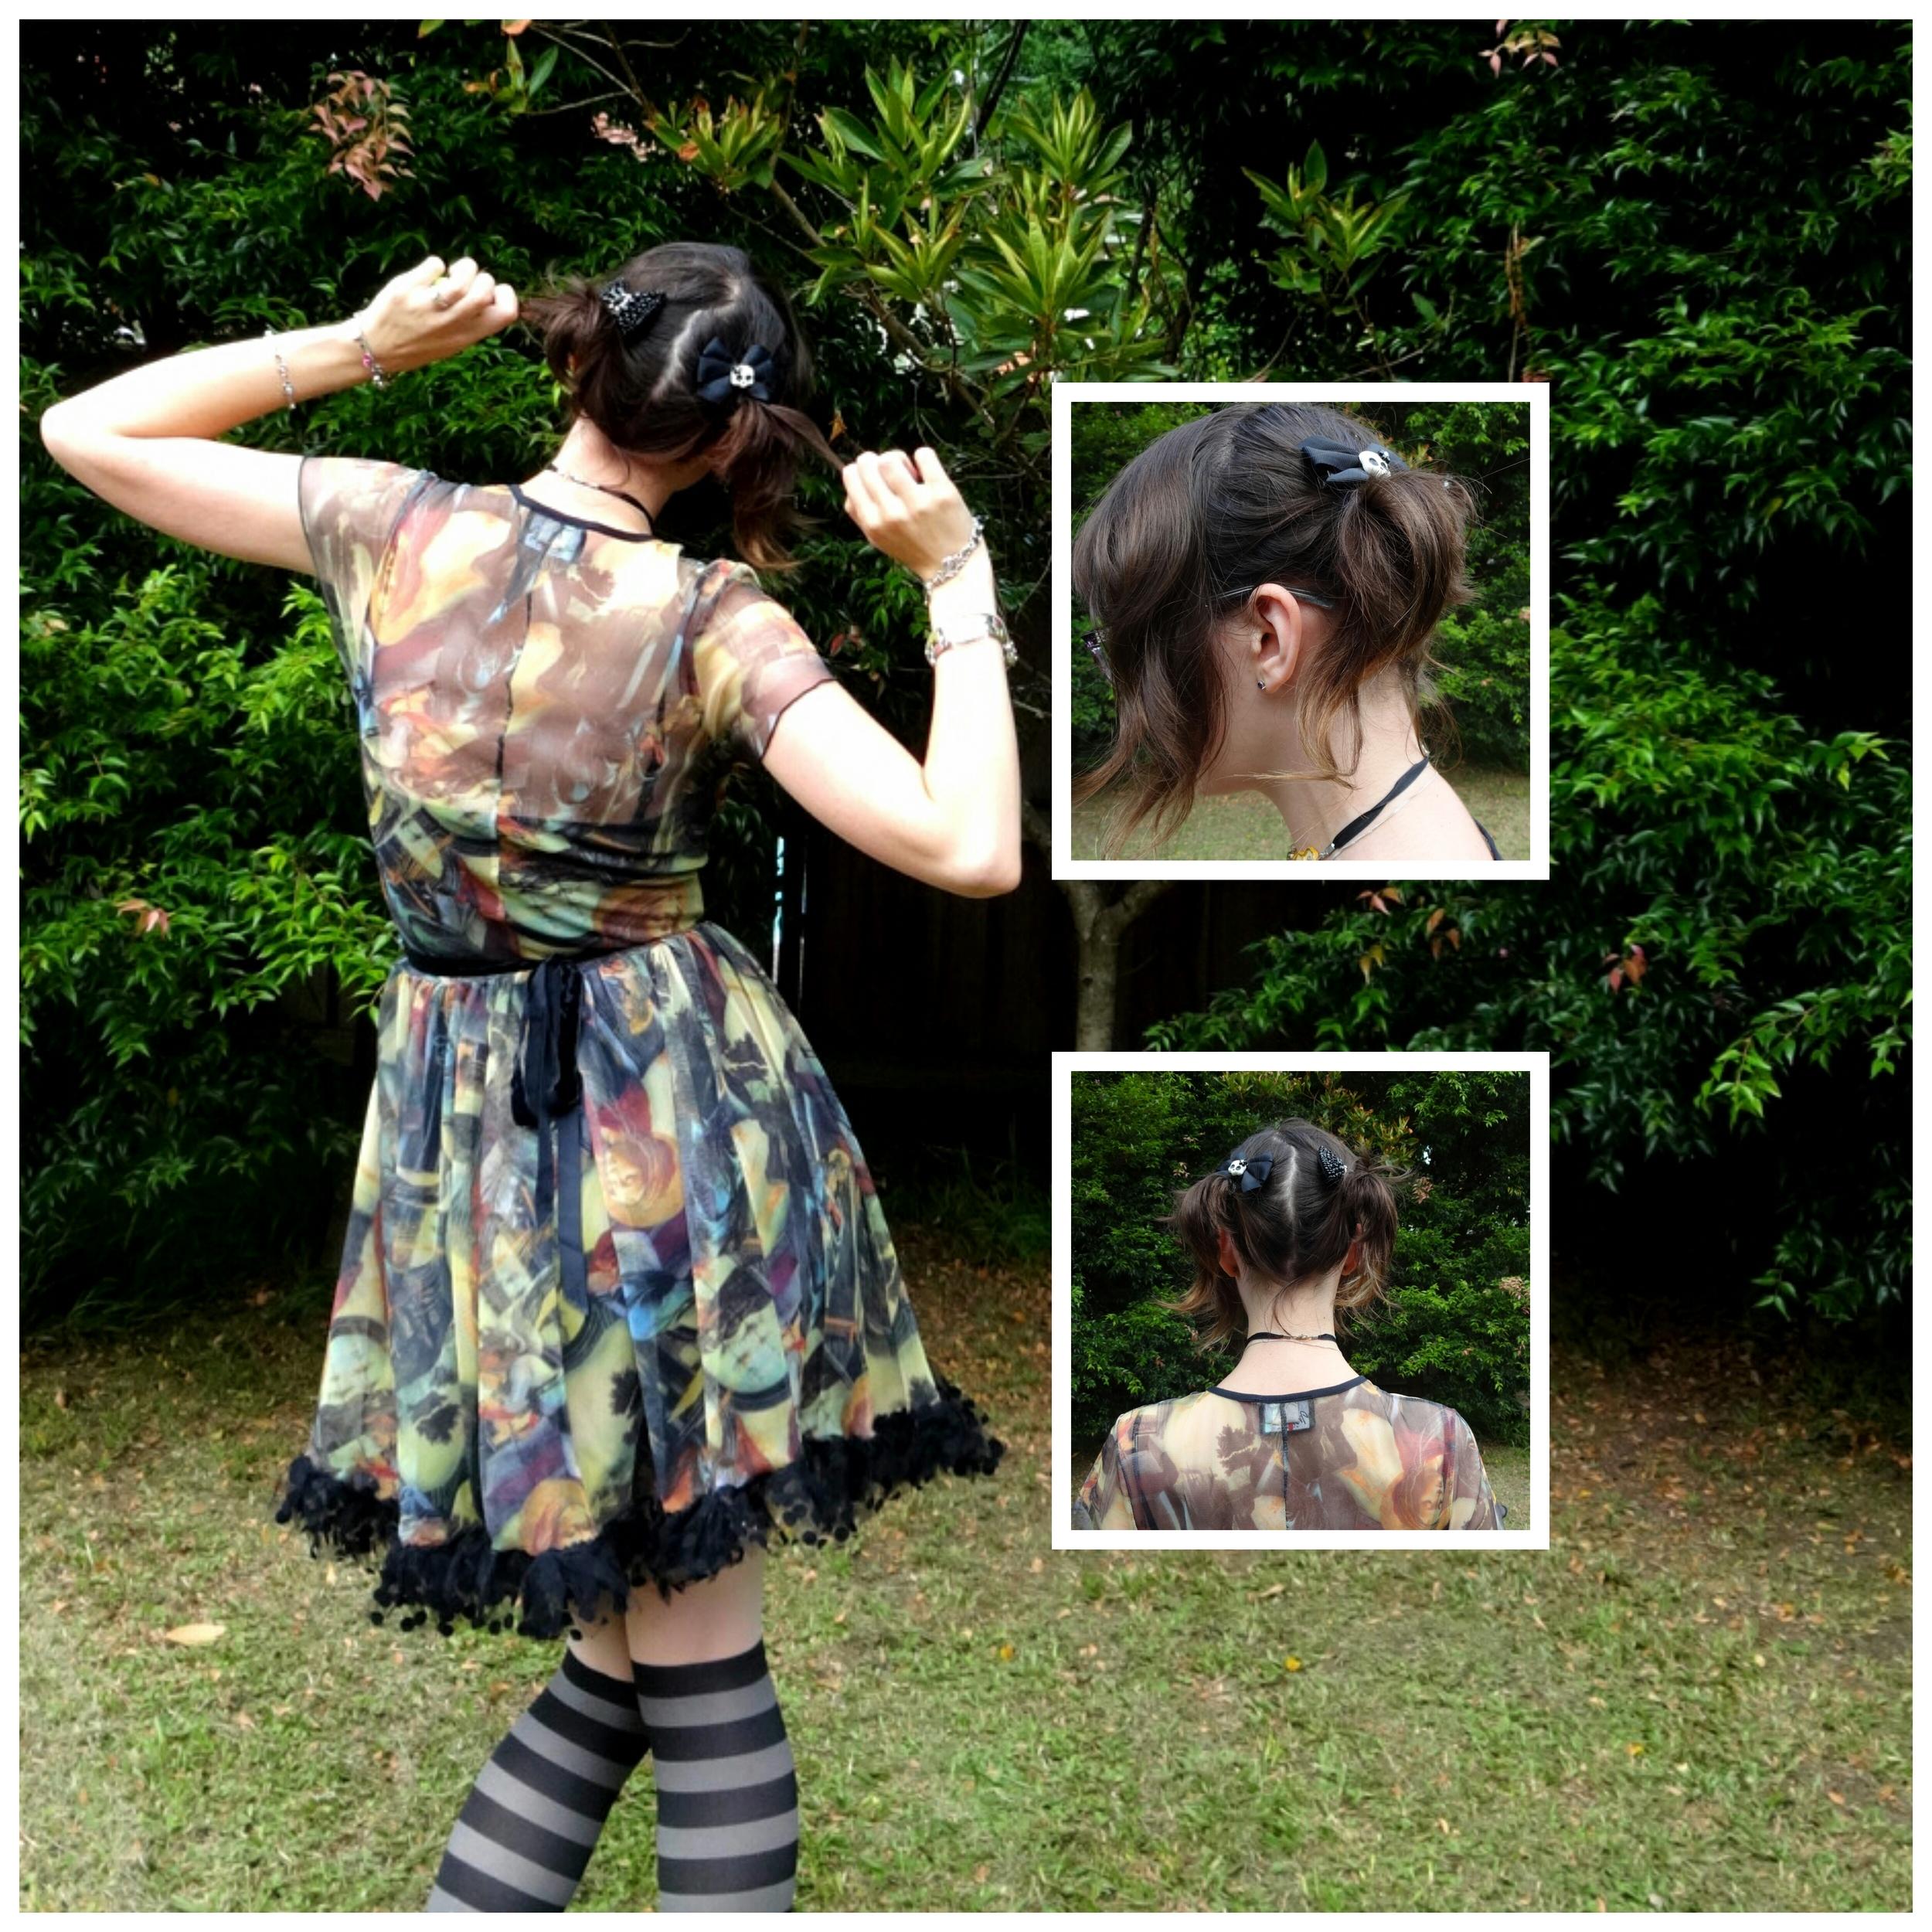 wpid-collage_20150122184715607.jpg